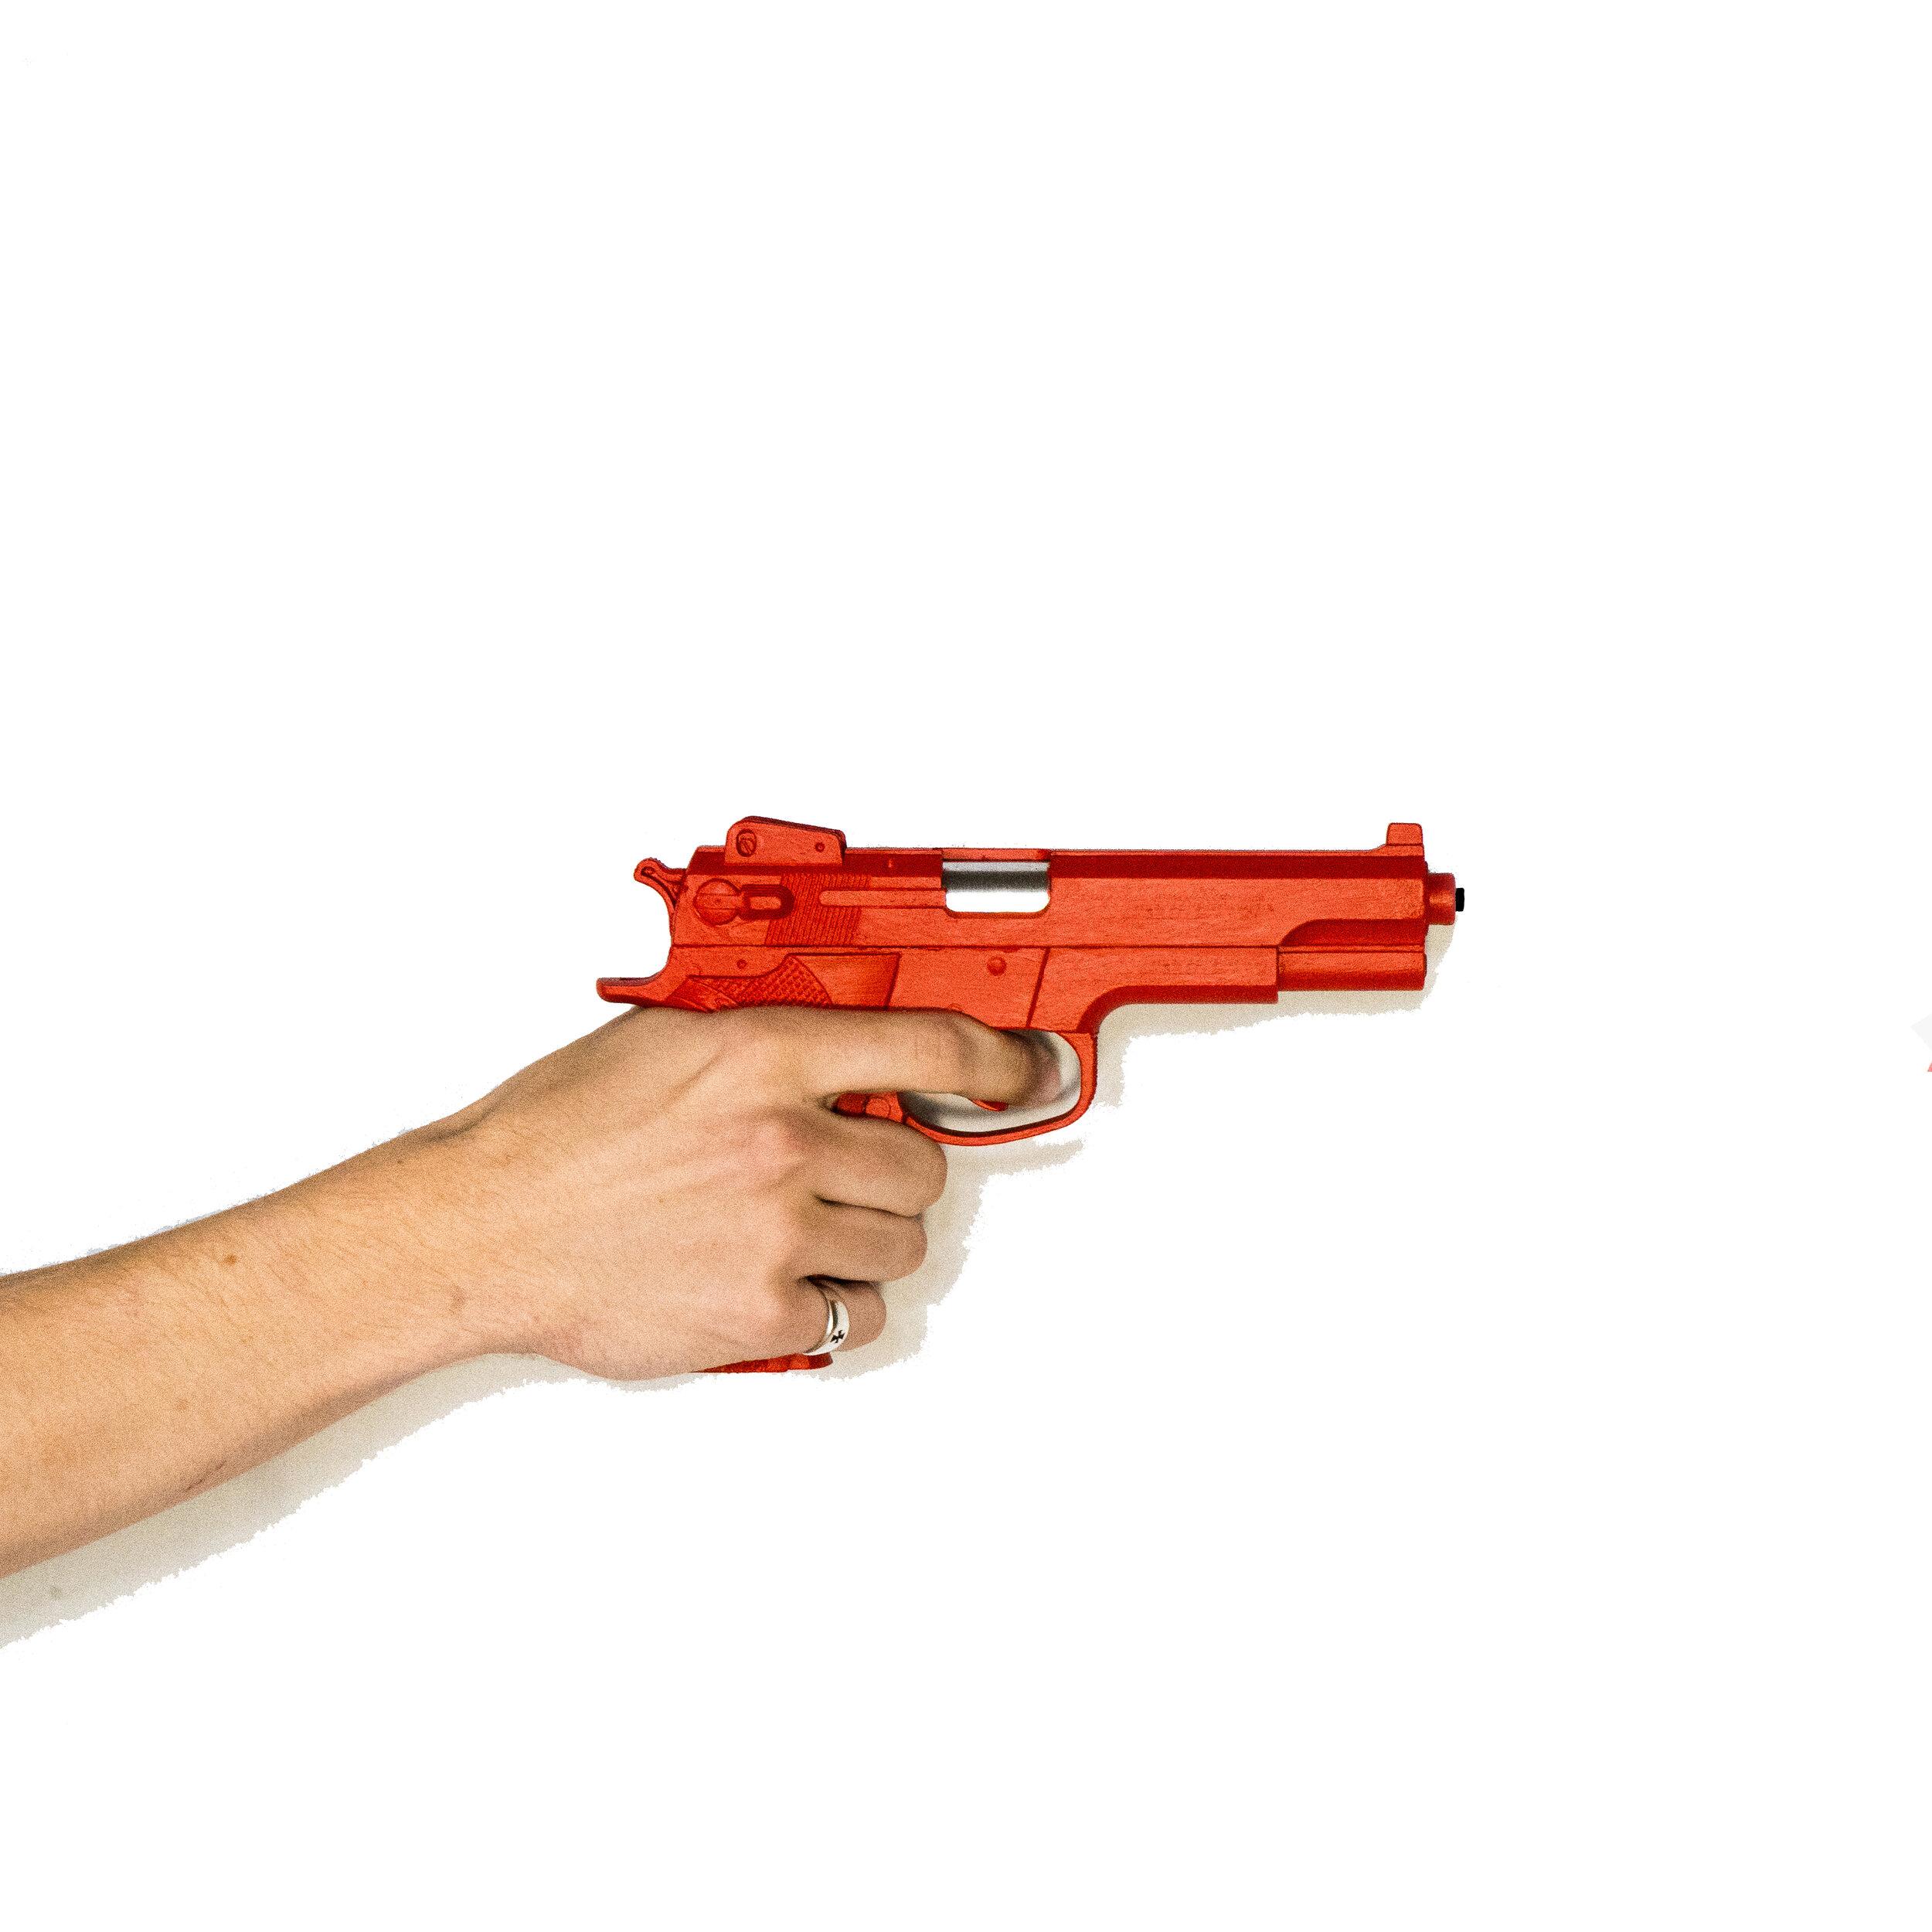 gun by itself FINAL.jpg